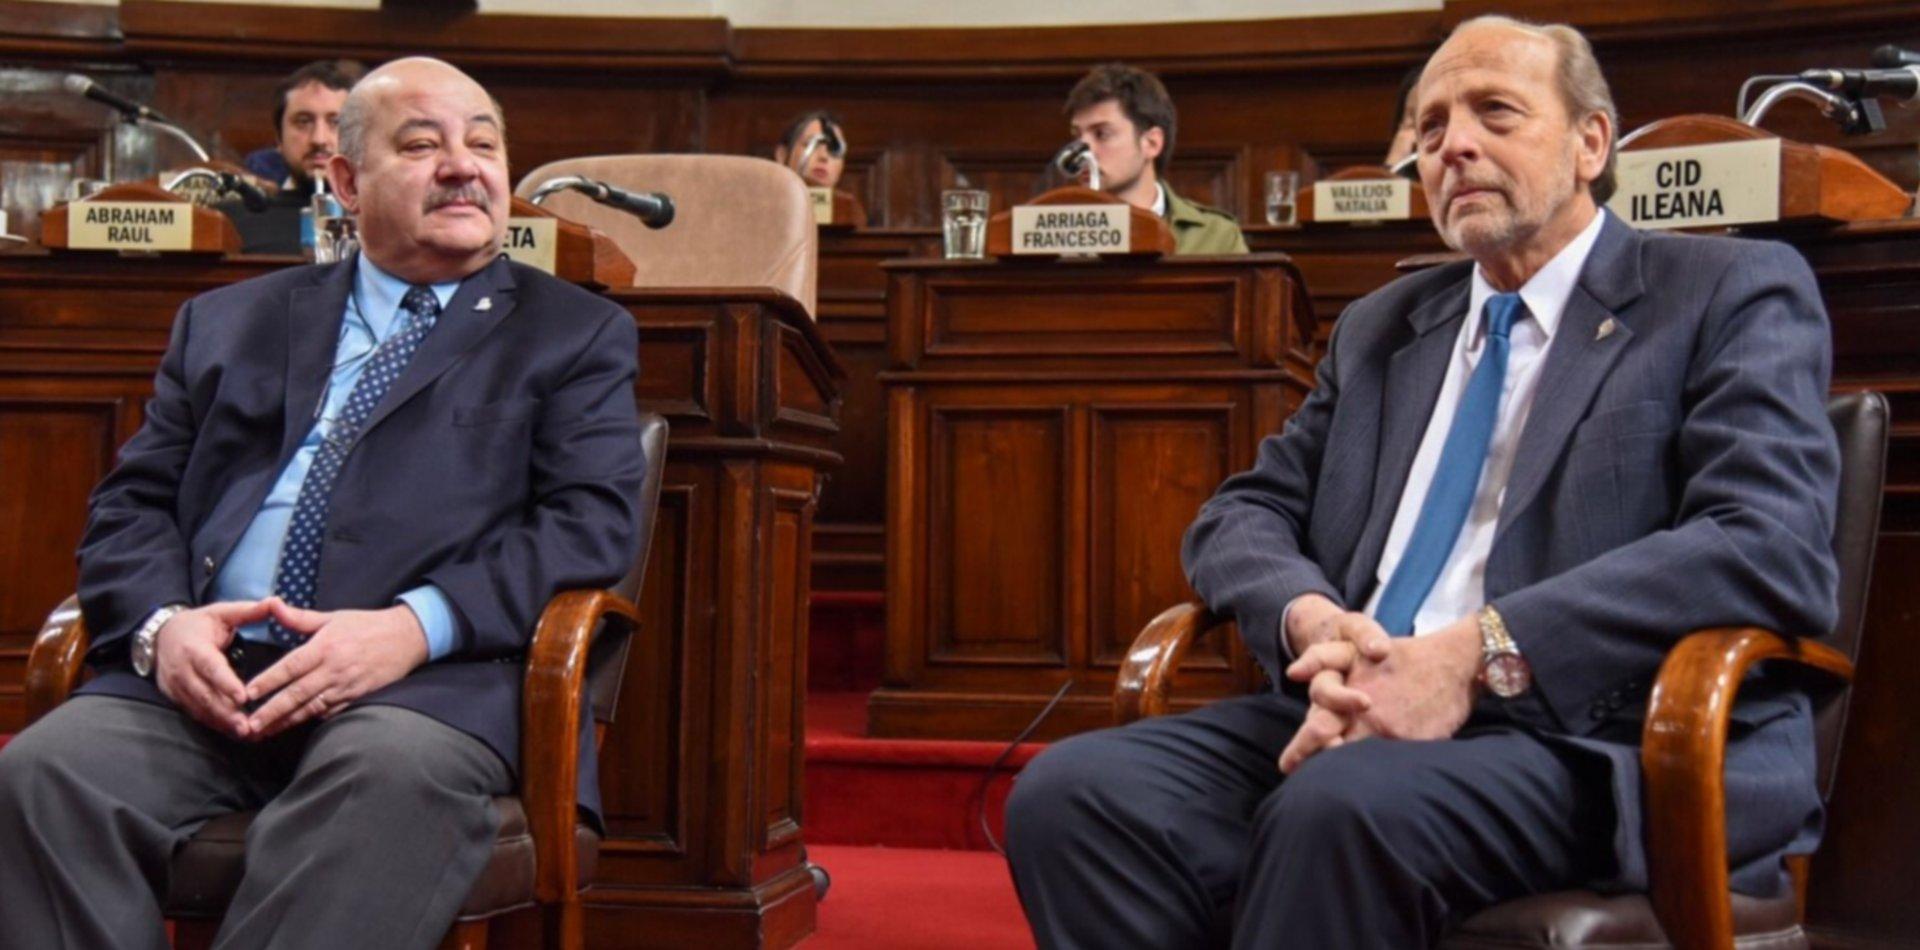 El recuerdo en las redes sociales del reconocido dirigente Juan Carlos Martín